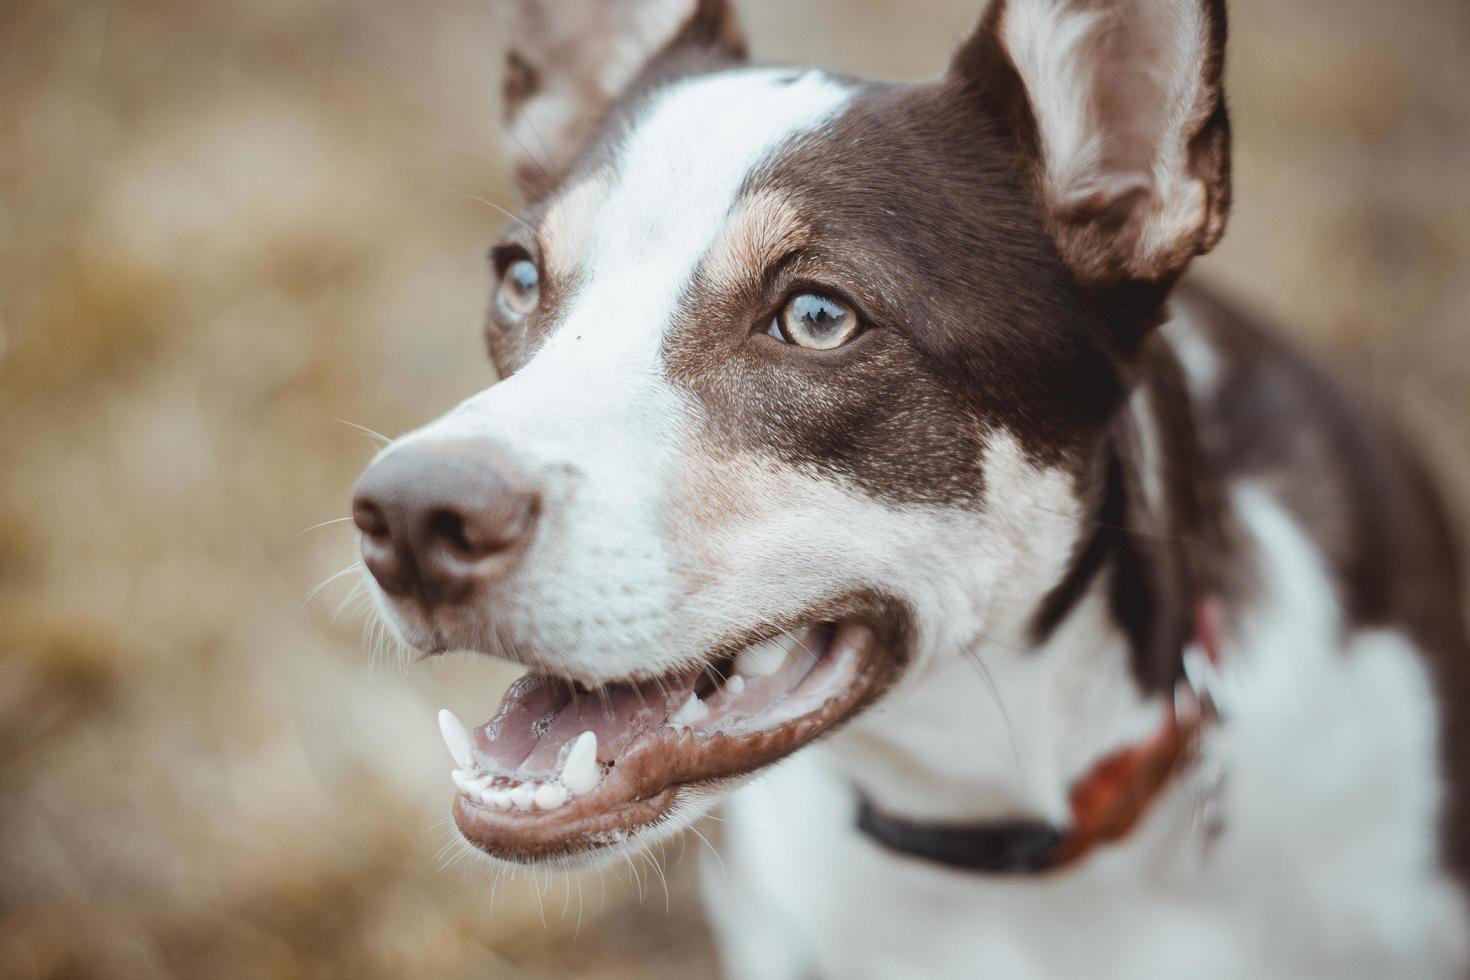 ritratto di un cane marrone e bianco a pelo corto foto